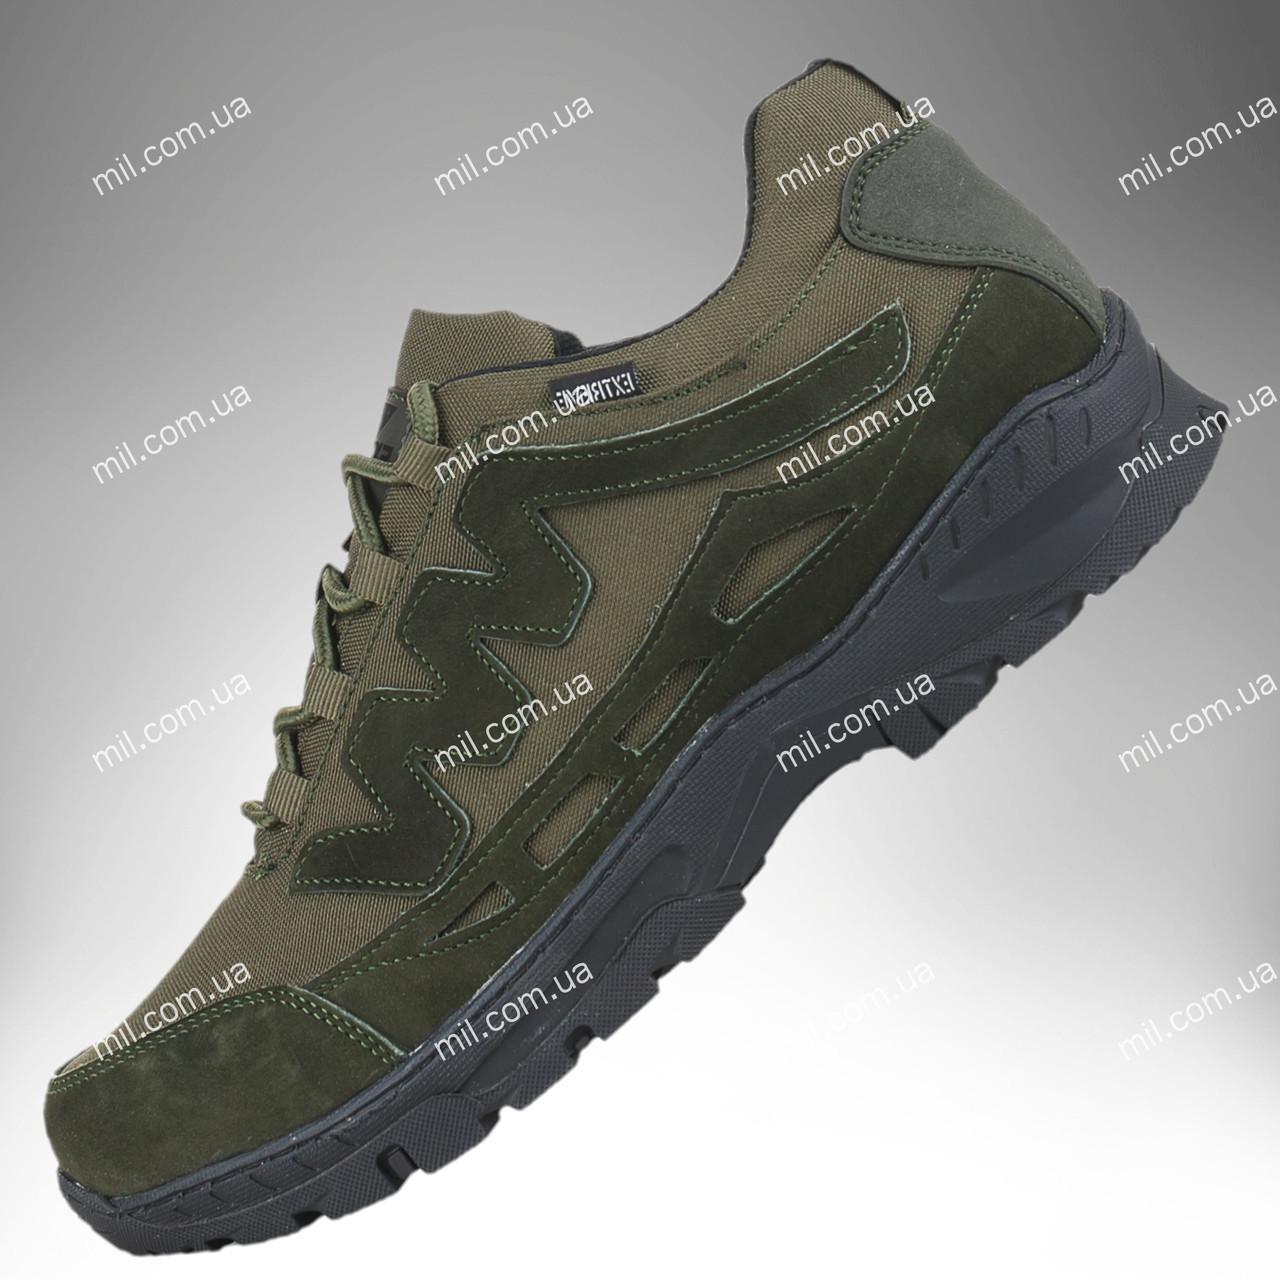 Тактические кроссовки / демисезонная военная обувь Comanche Gen.II (olive)